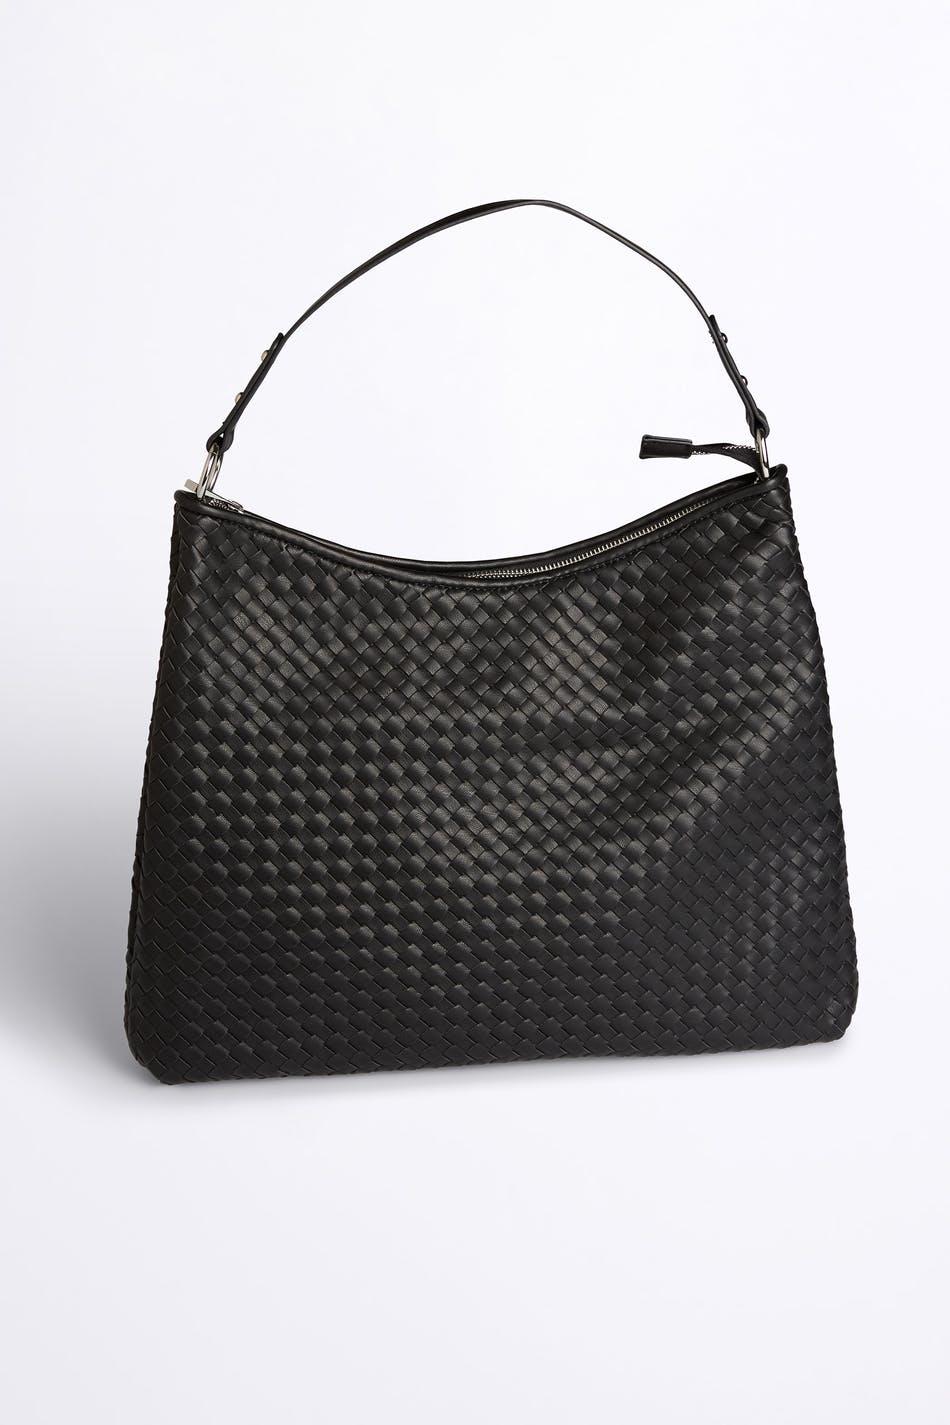 Väskor Shoppa väskor som passar dig Gina Tricot